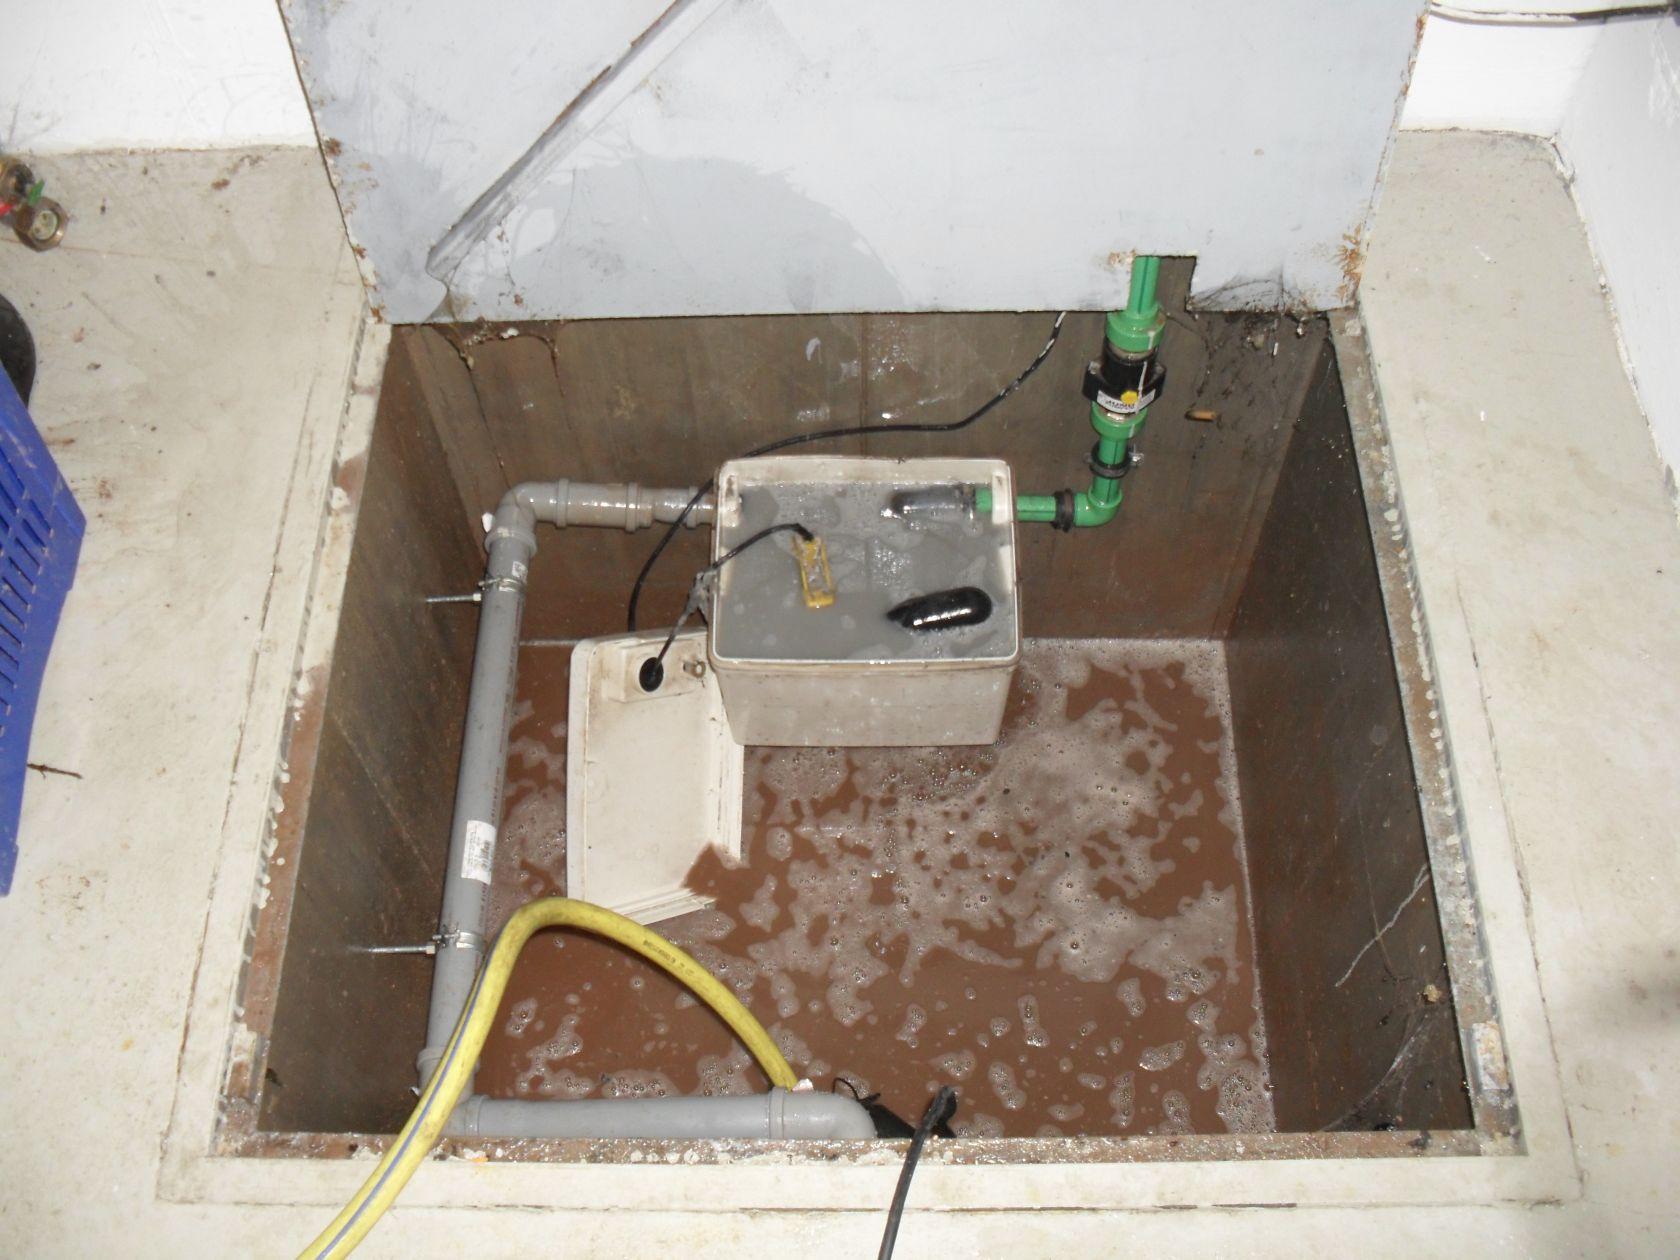 notdienst nu loch undichte silikonfuge dusche hebeanlage f r waschmaschinenraum defekt. Black Bedroom Furniture Sets. Home Design Ideas